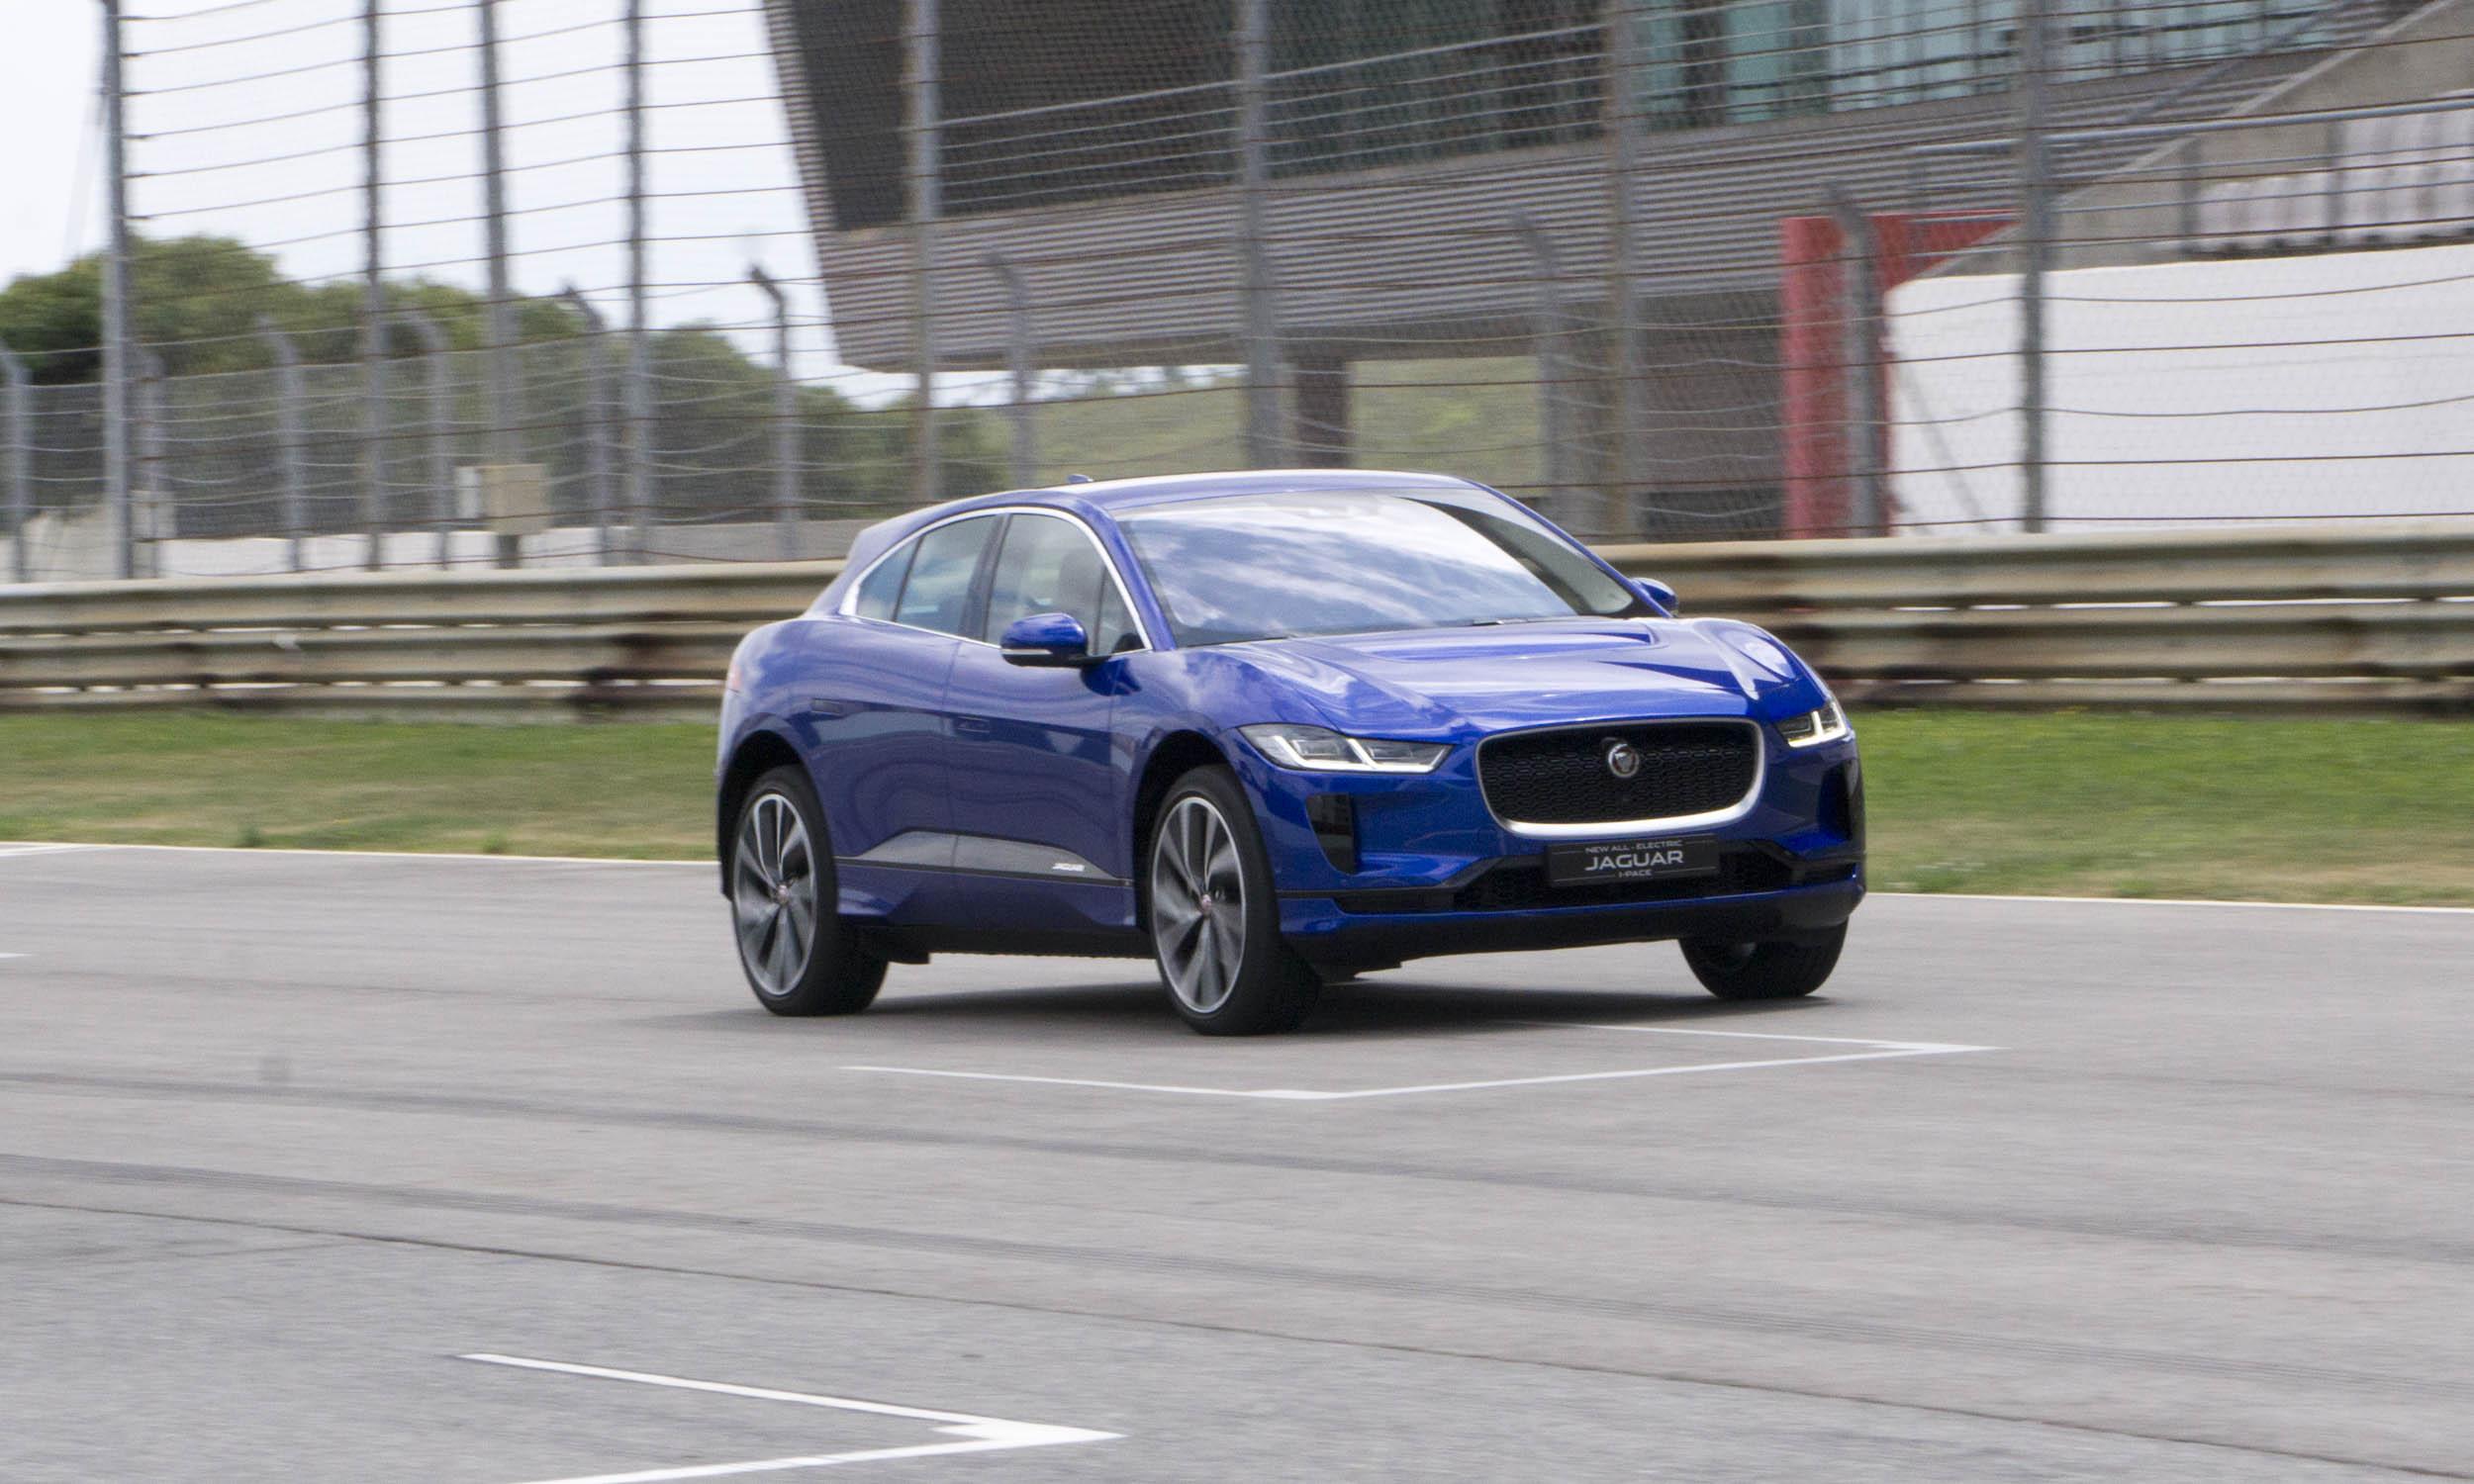 2019 Jaguar I-PACE: First Drive Review - » AutoNXT